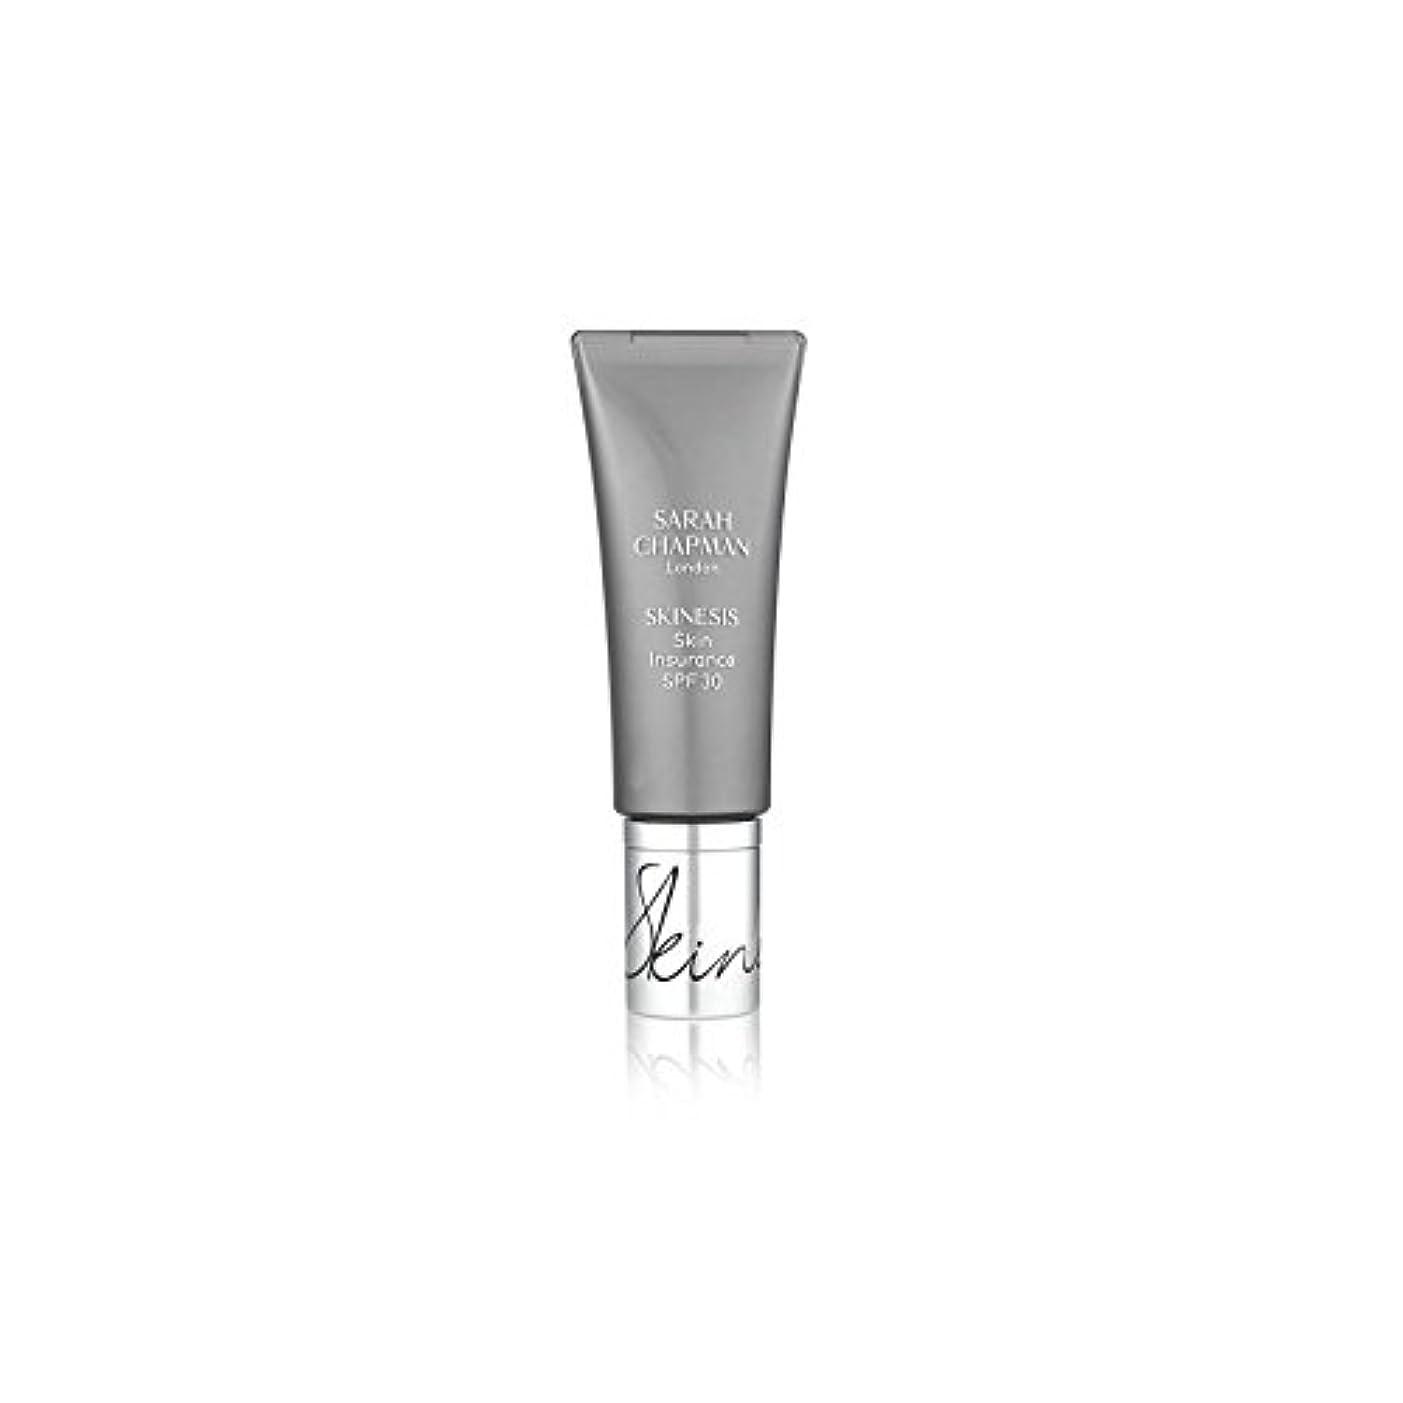 定規アトムレタスSarah Chapman Skinesis Skin Insurance Spf 30 (30ml) (Pack of 6) - サラ?チャップマン皮膚保険 30(30ミリリットル) x6 [並行輸入品]